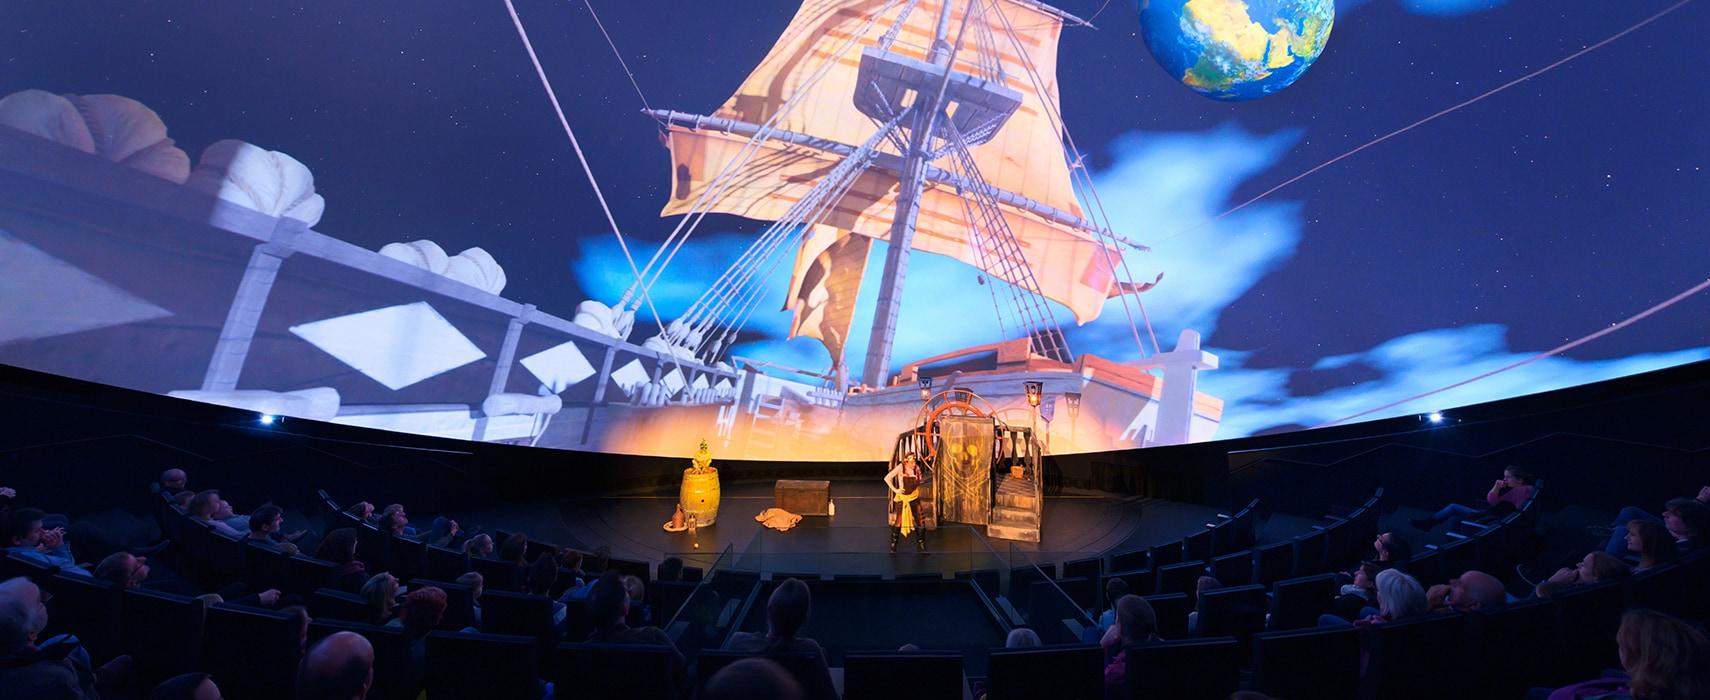 Zuschauer im Science Dome sehen sich eine Veranstaltung an